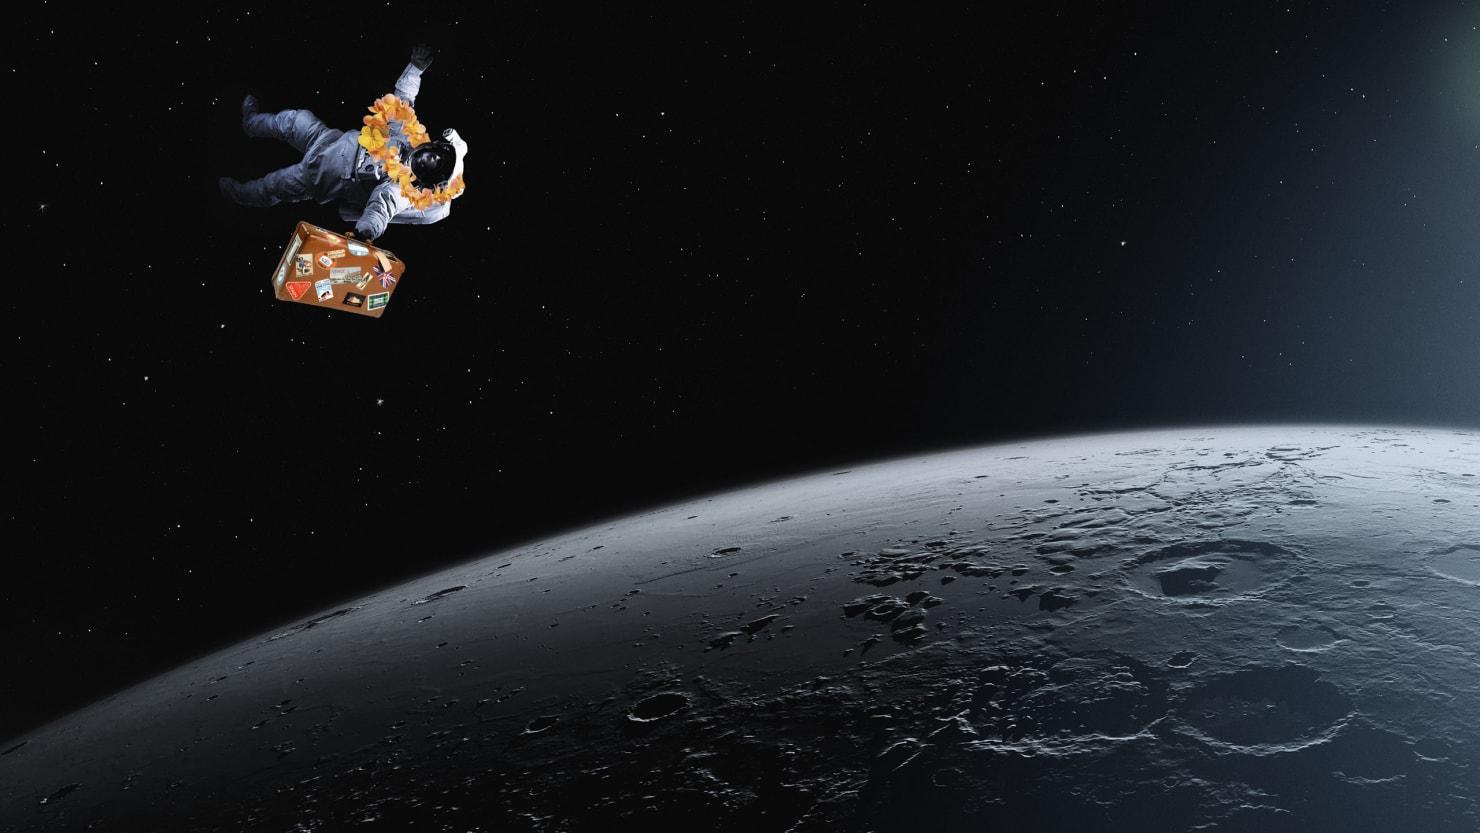 an astronaut goes toward the moon lunar tourism spacex space x Yusaku Maezawa elon musk big fucking rocket spacecraft